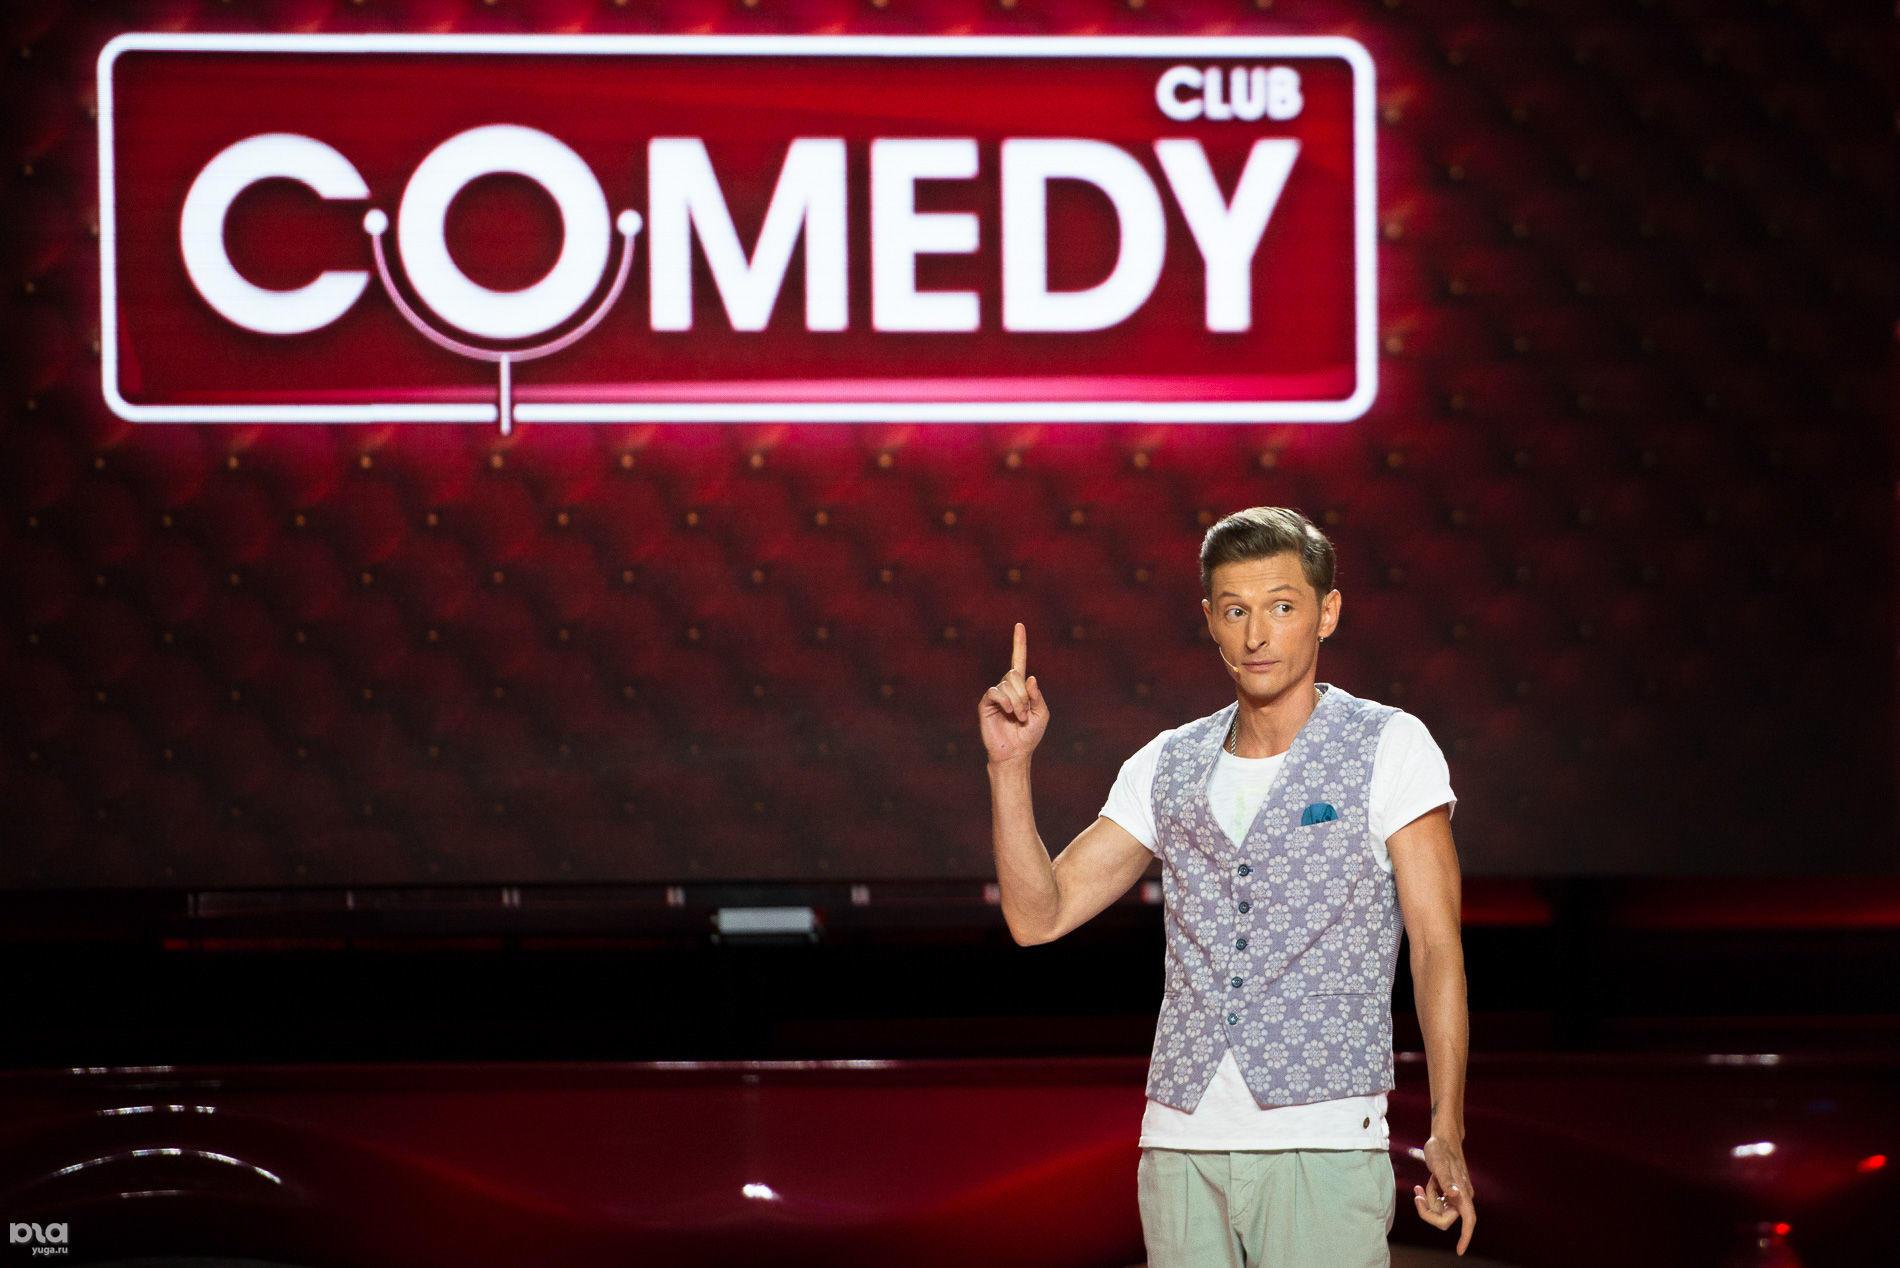 Comedy Club в Сочи 2015